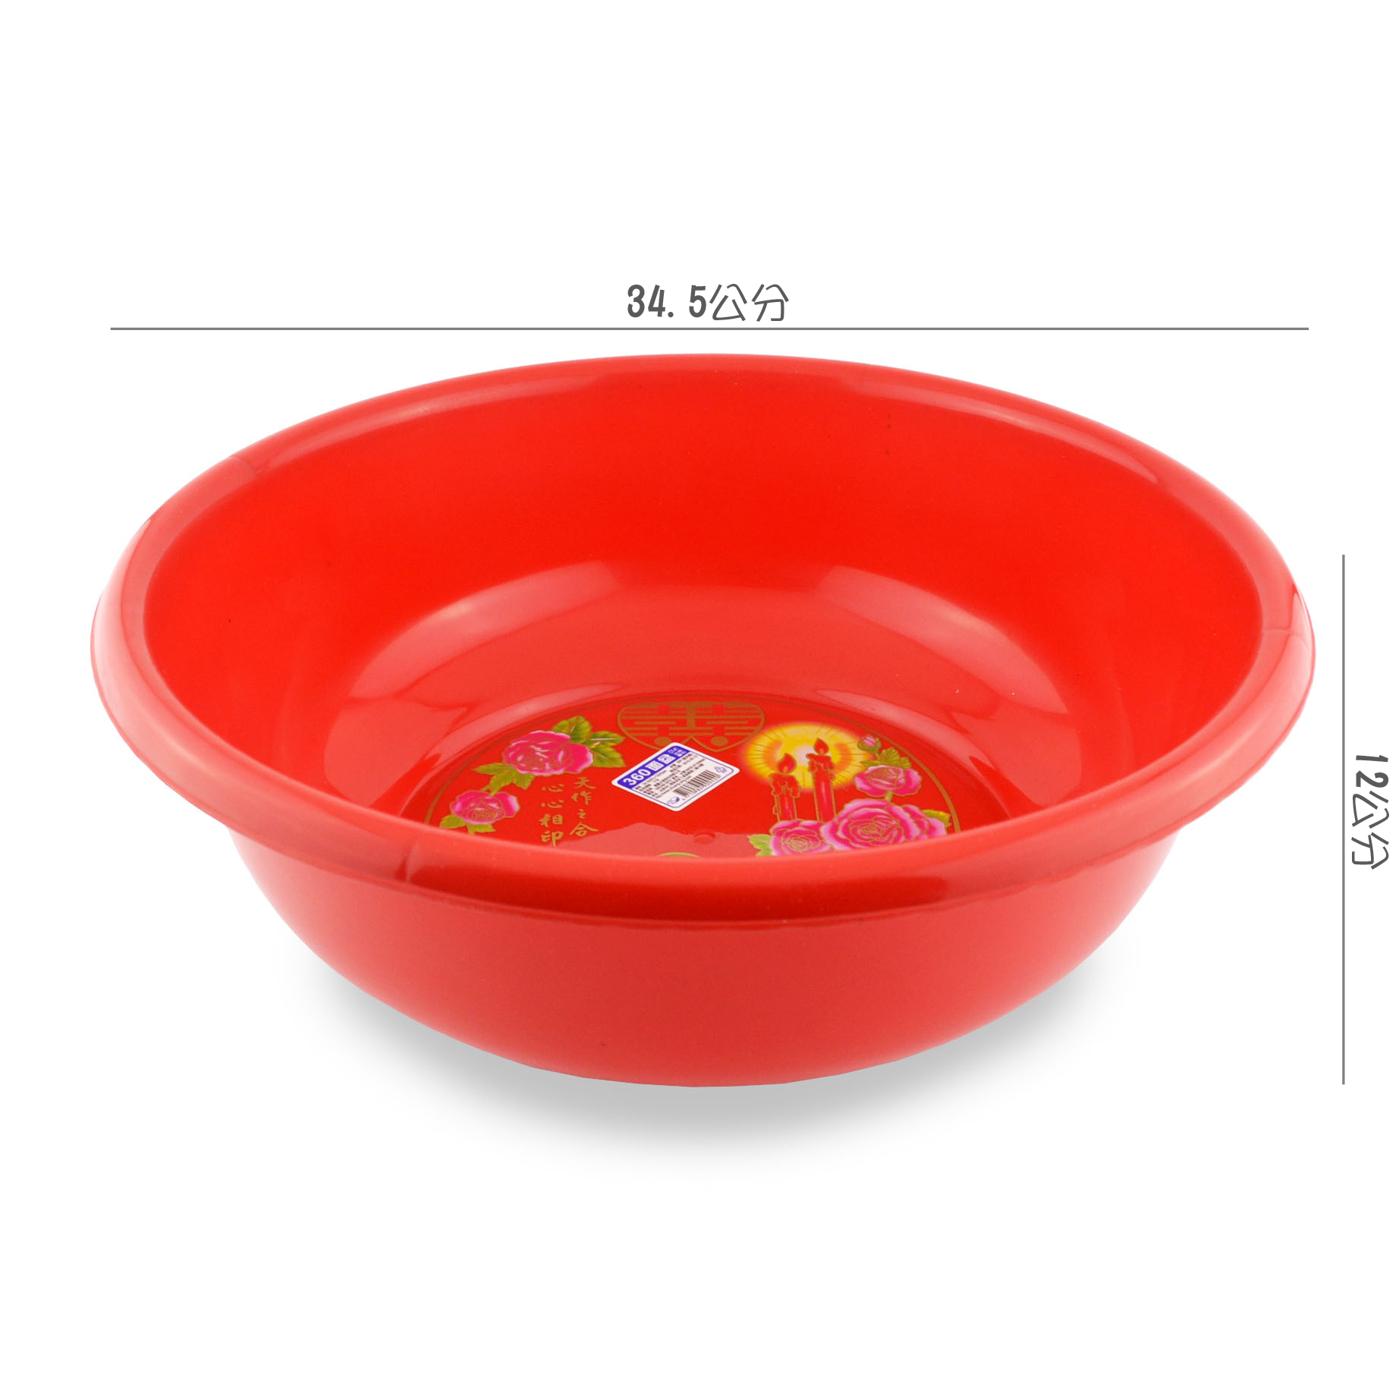 鴛鴦面盆360 CY-41_嫁妝面盆/鴛鴦紅盆/臉盆_台灣製